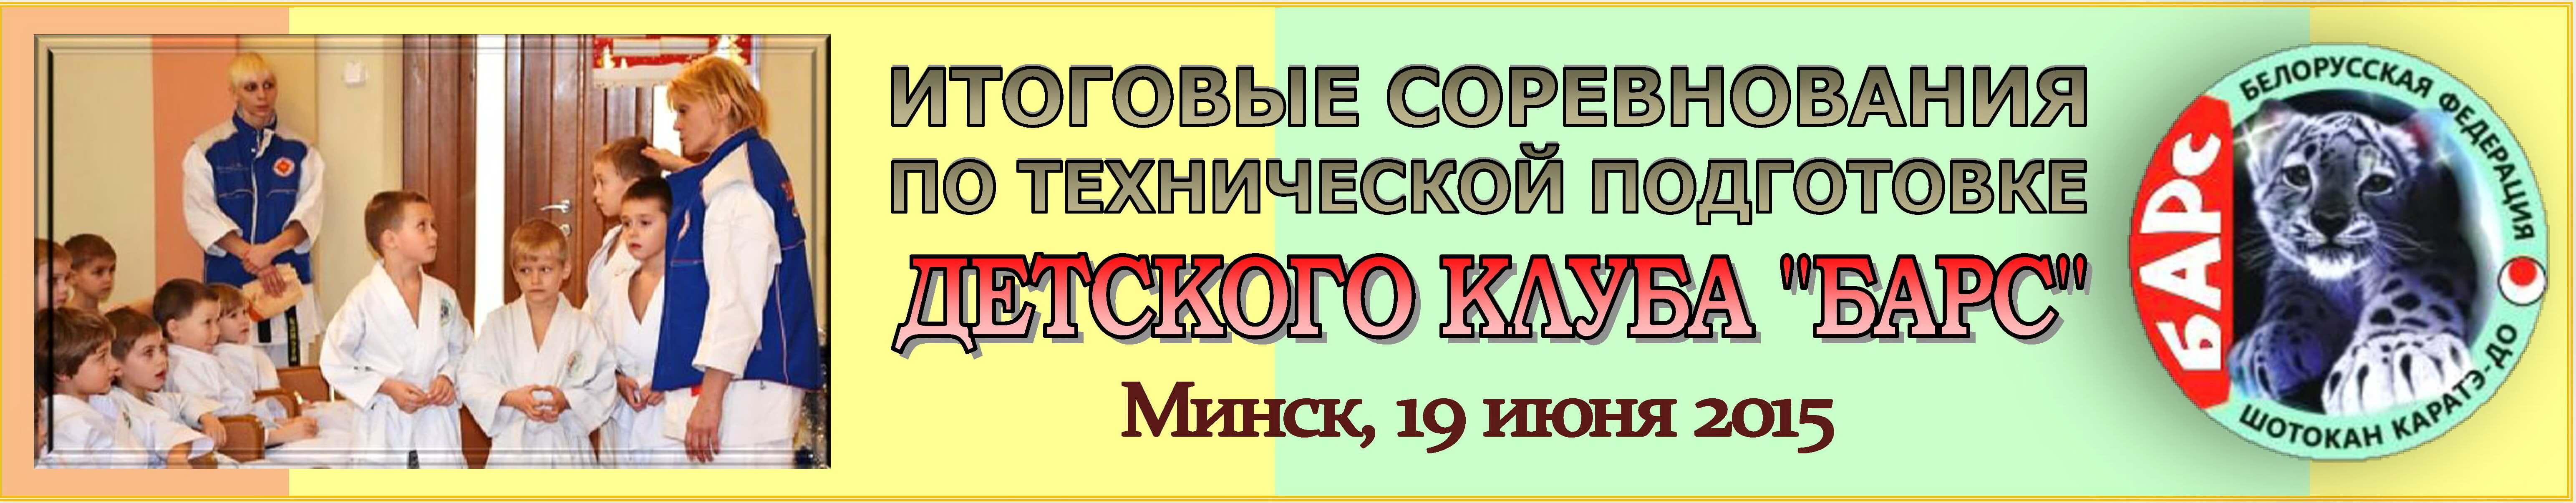 2015-06 Барс Соревнования Баннер